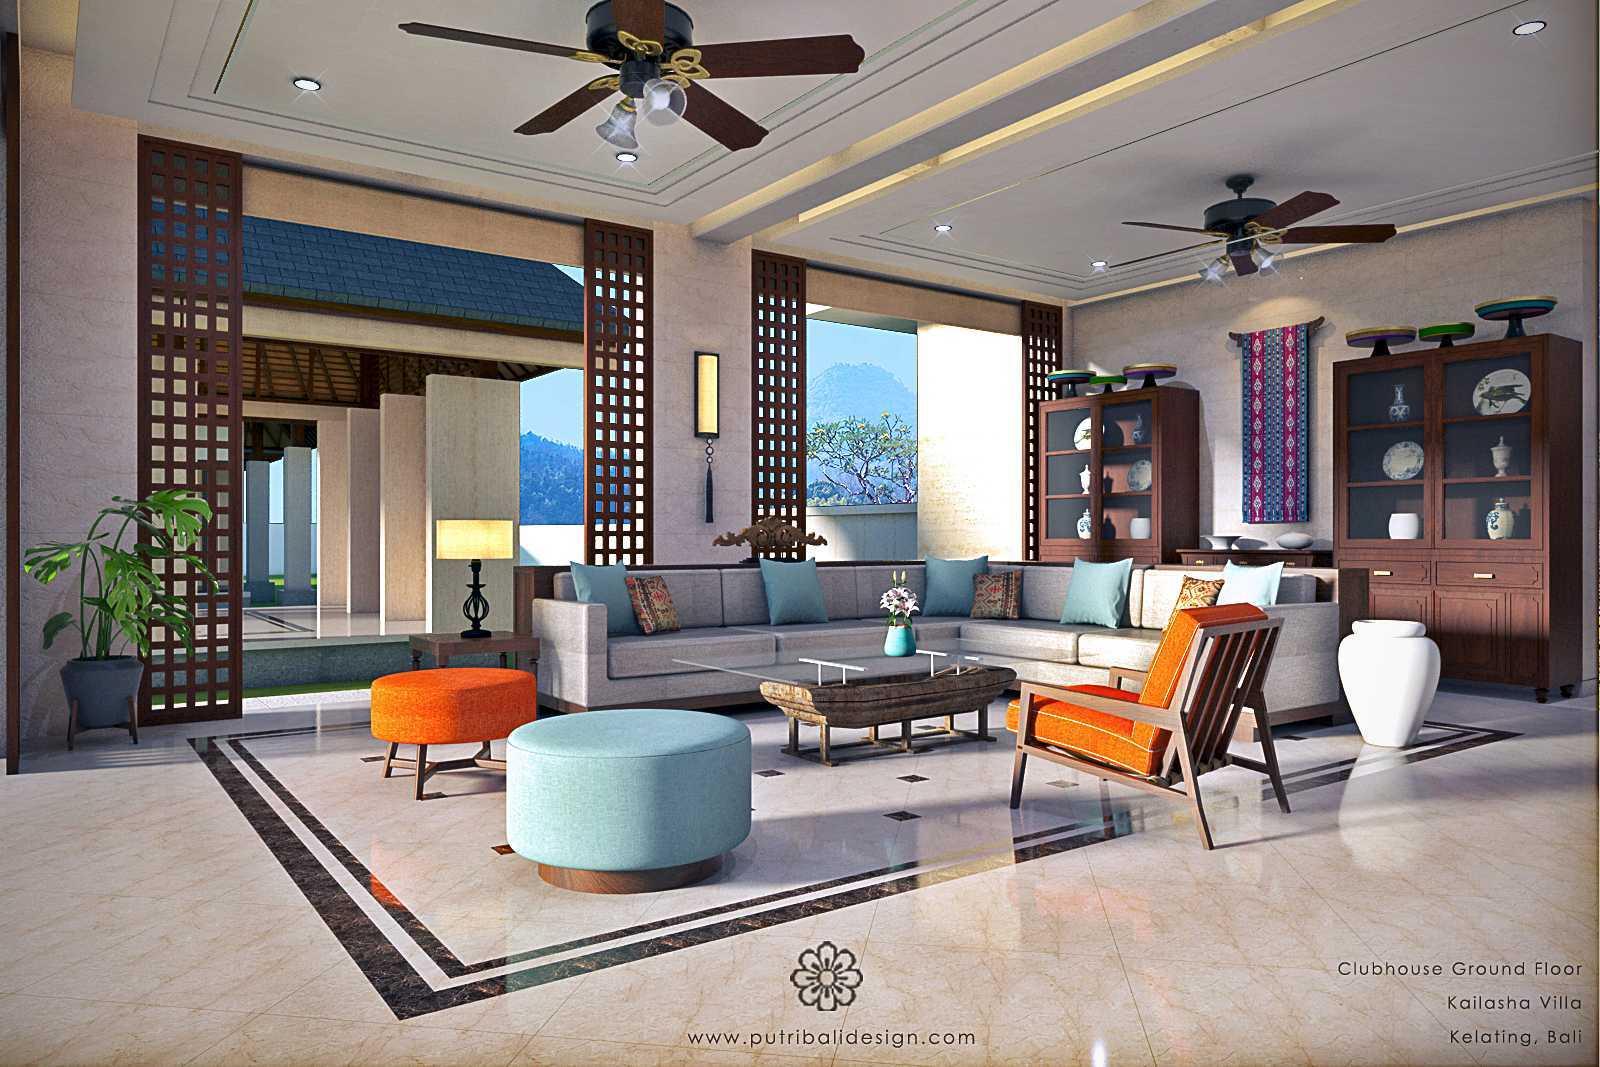 Jasa Interior Desainer Putri Bali Design di Tabanan